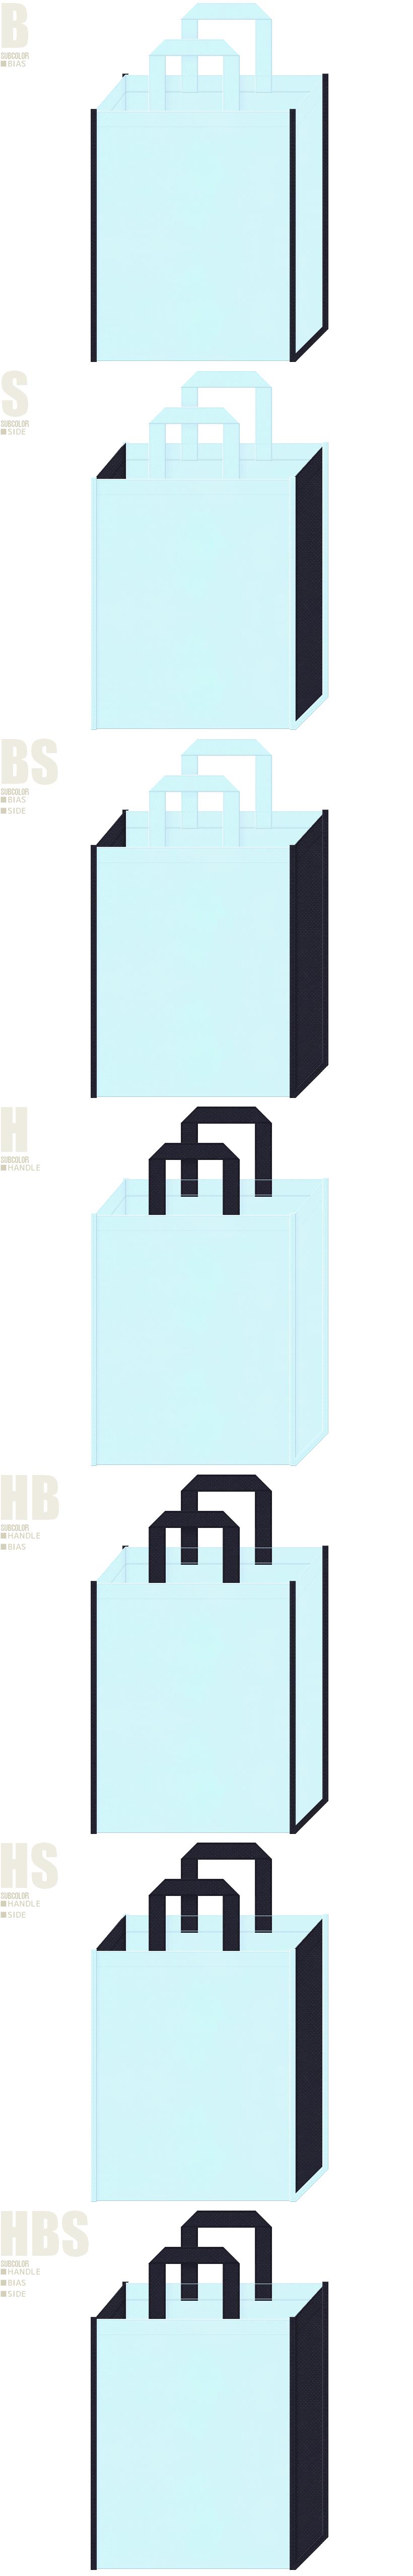 ランドリーバッグ・クリーニング用品の展示会用バッグにお奨めの、水色と濃紺色-7パターンの不織布トートバッグ配色デザイン例